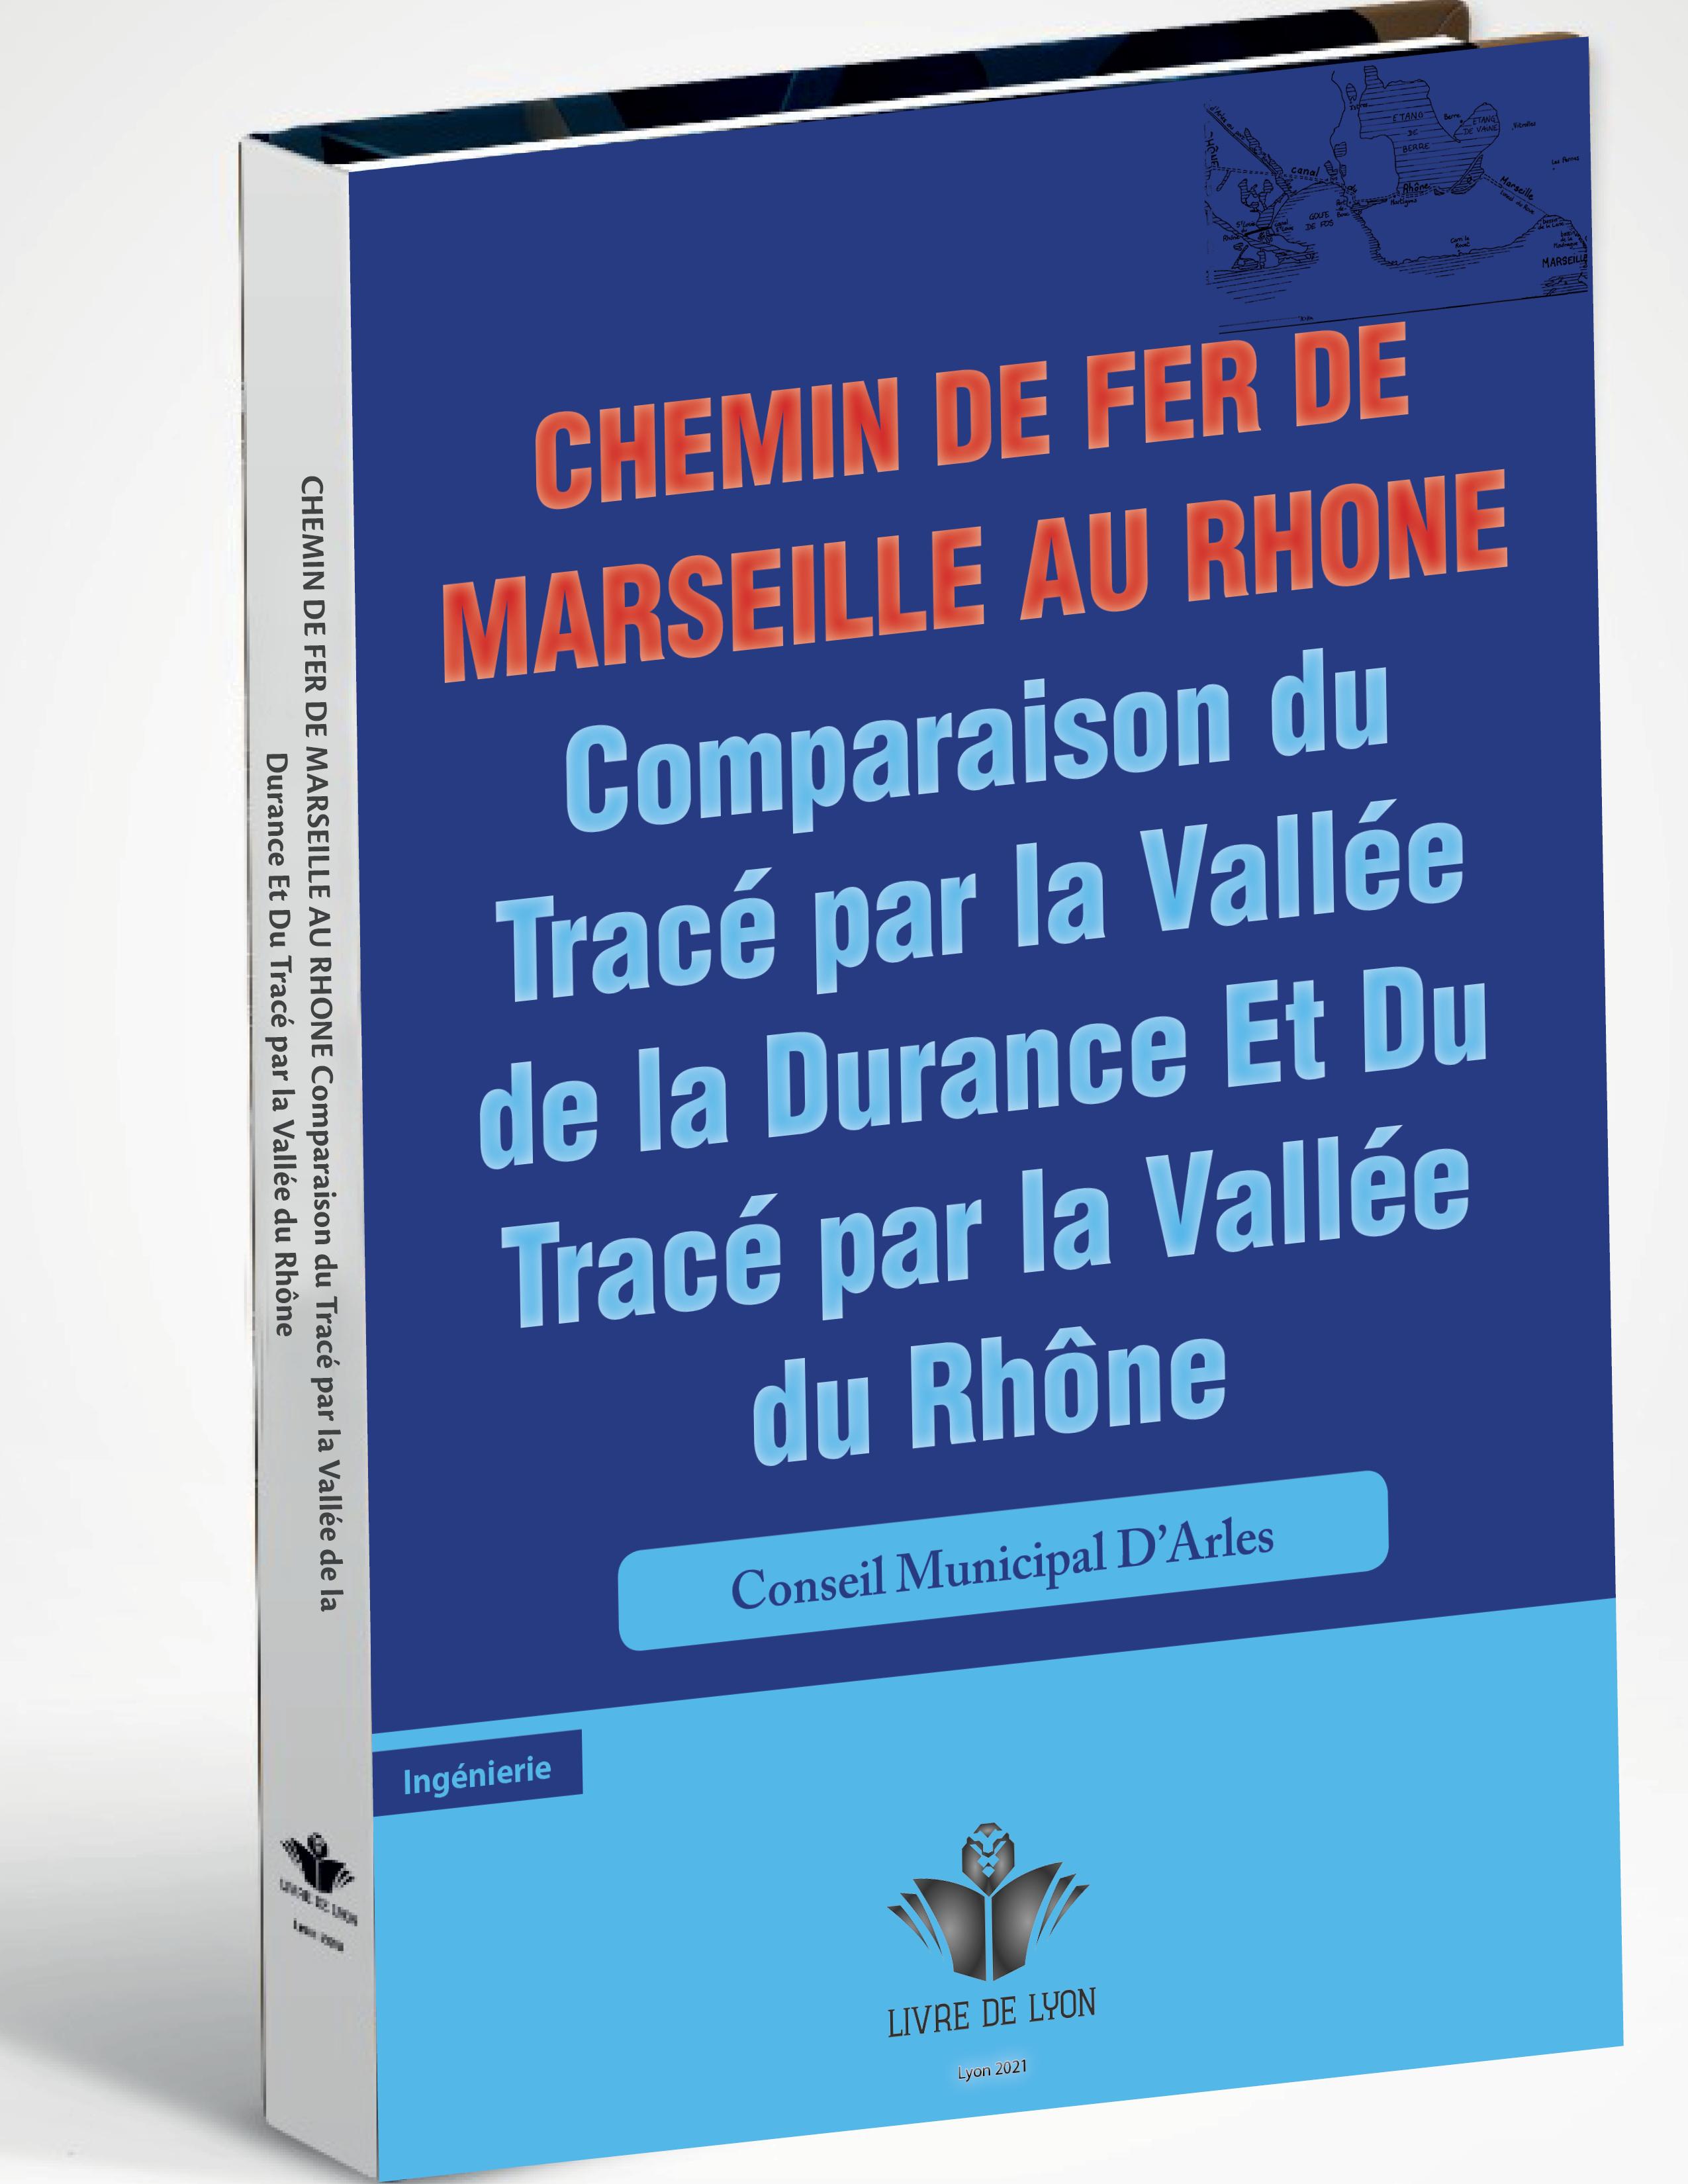 Chemin De Fer De Marseille Au Rhone: Comparaison Du Tracé Par La Vallée De La Durance Et Du Tracé Pa